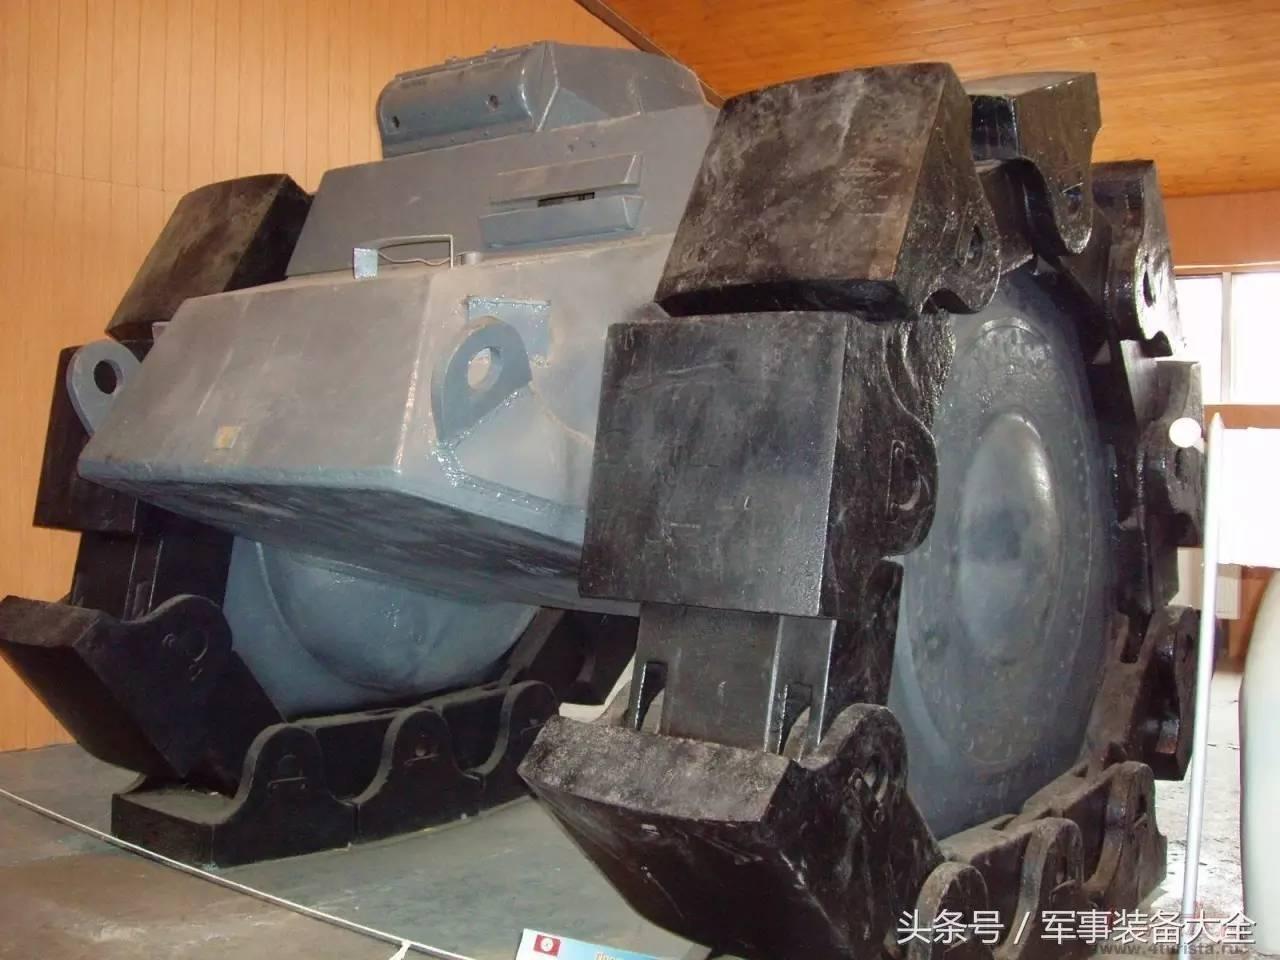 军事史上造型最奇葩的十大坦克,奇葩到超出你的想象